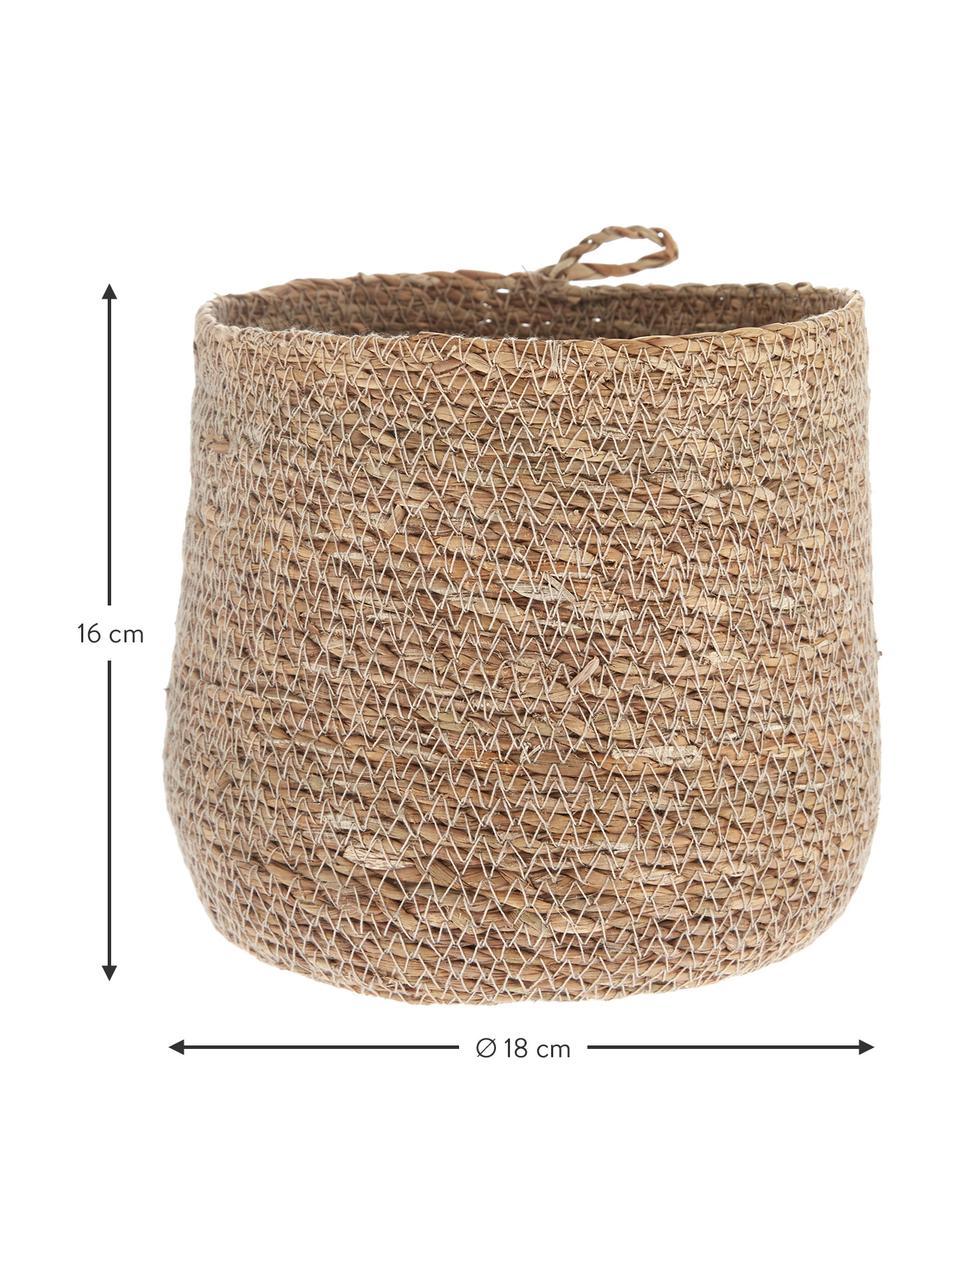 Aufbewahrungskorb Hang aus Seegras, Seegras, Seegras, Ø 18 x H 16 cm